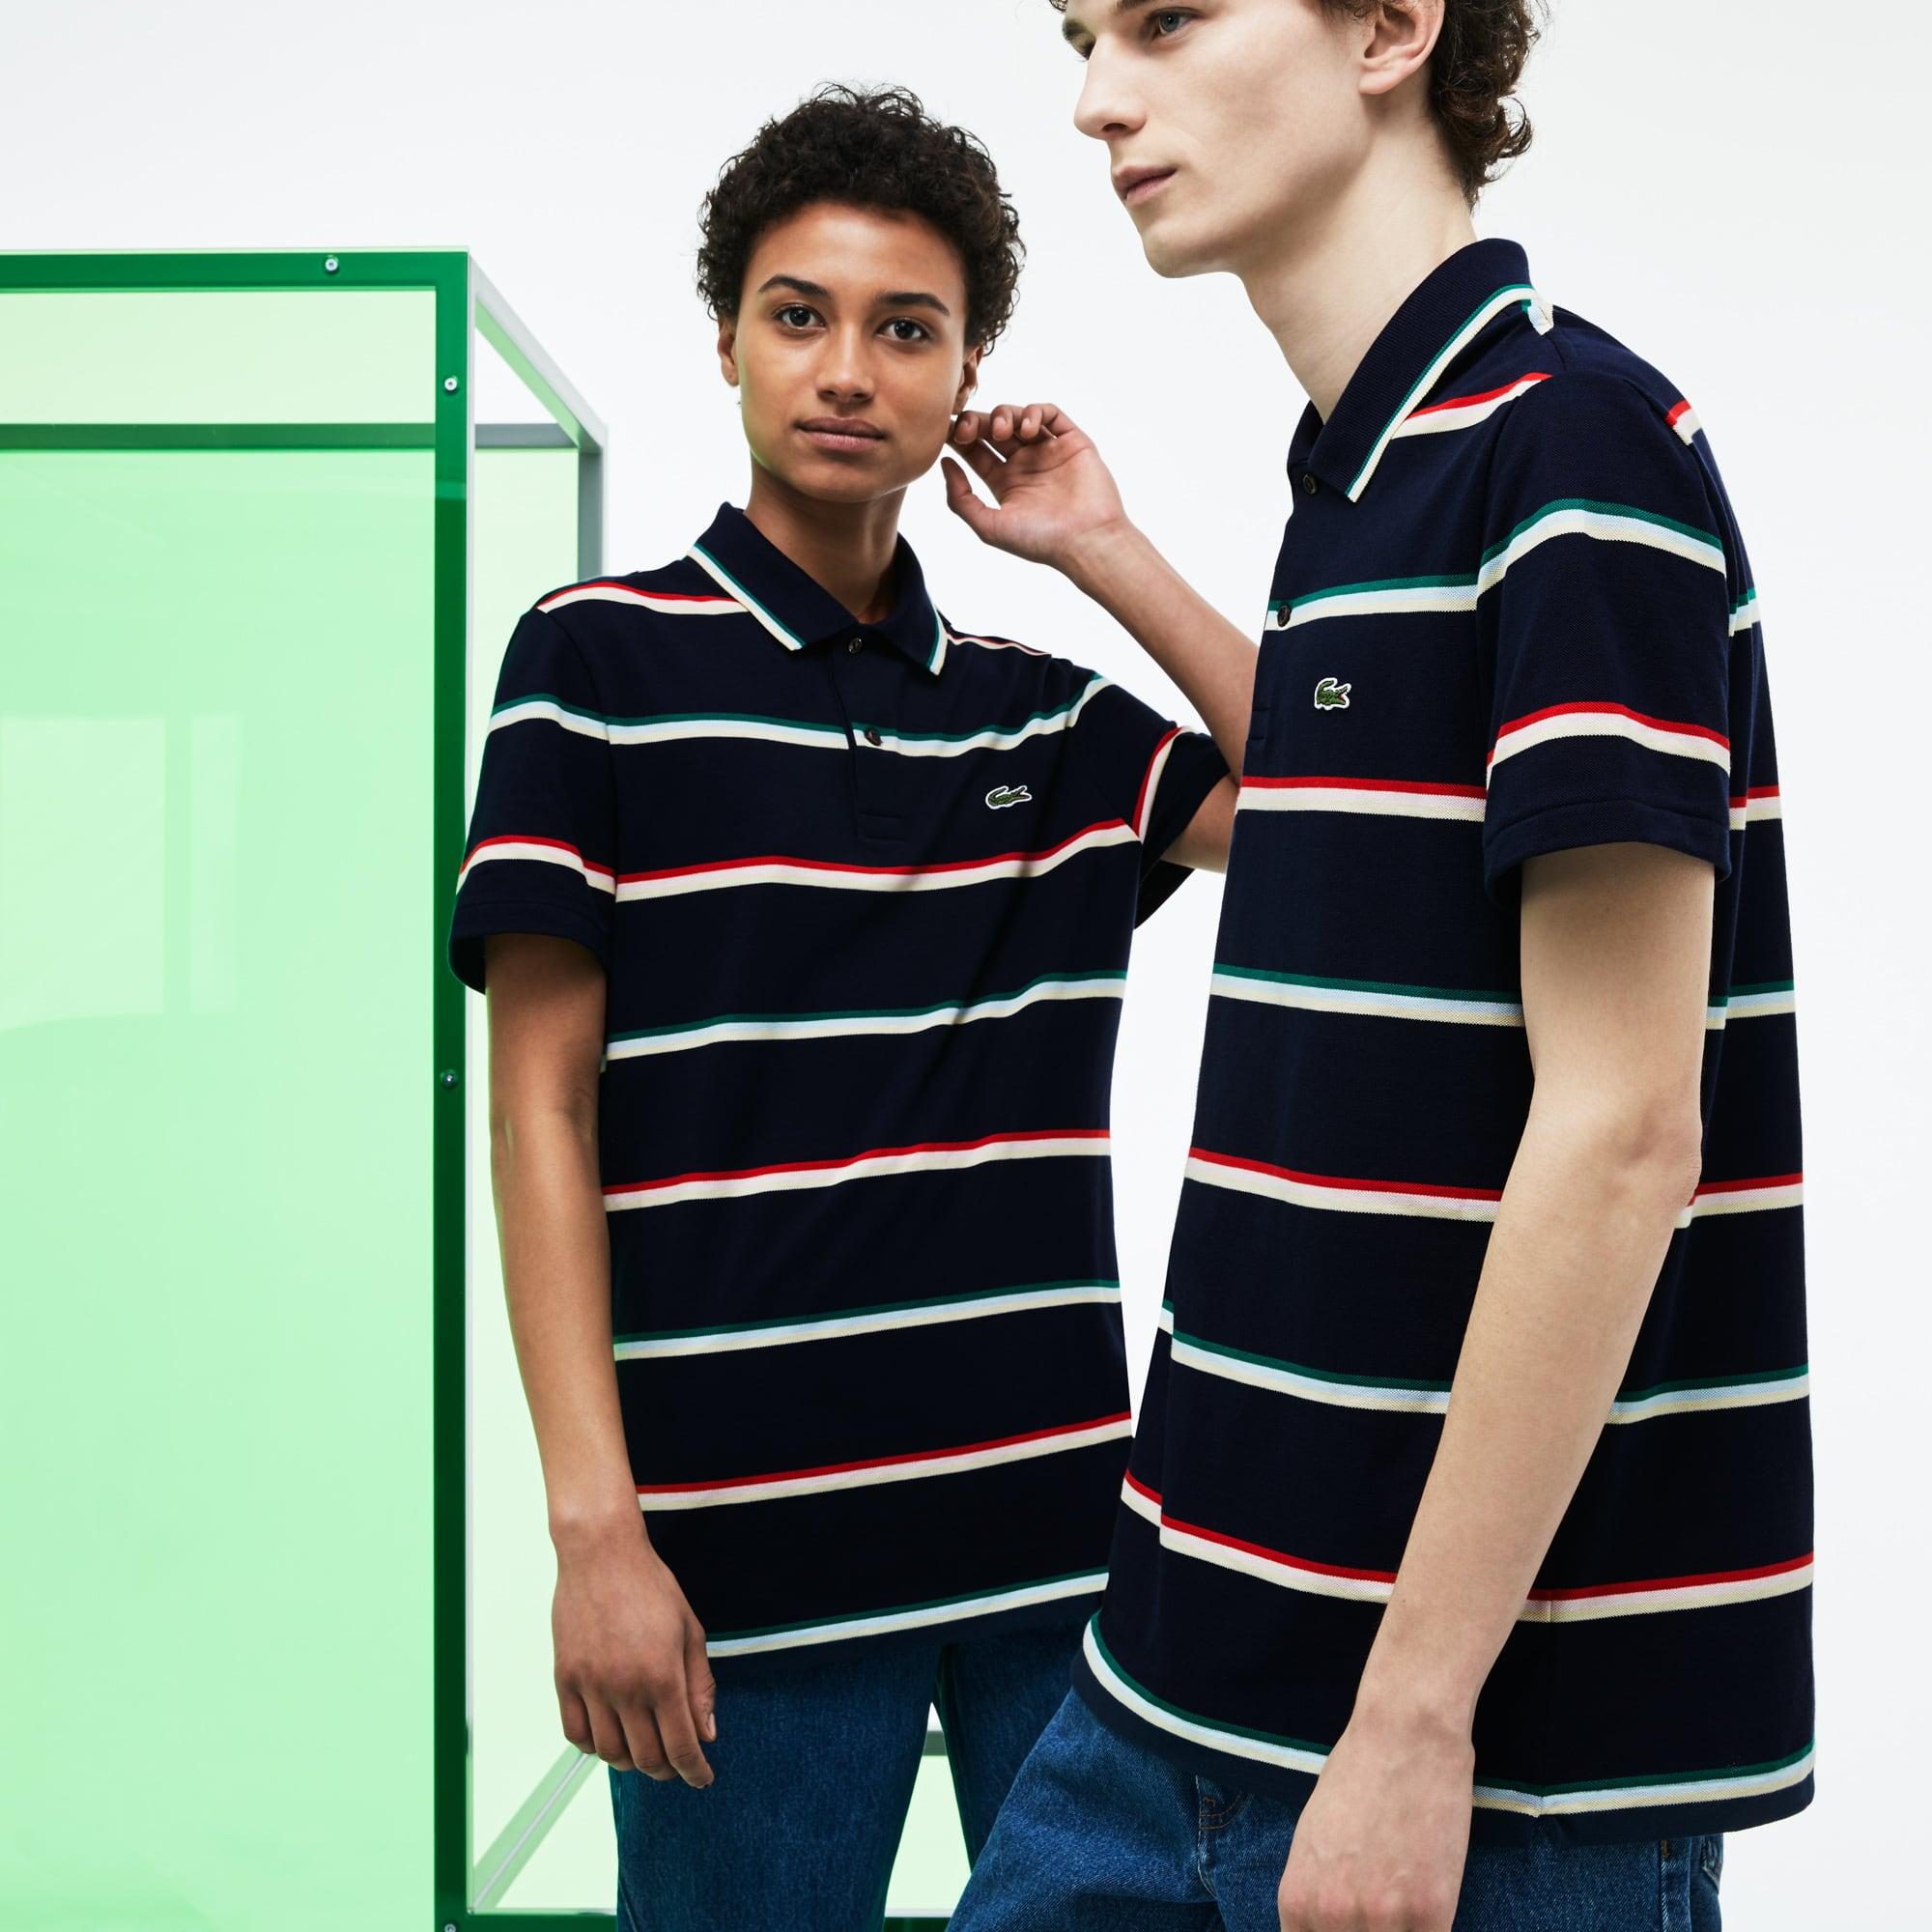 Unisex Poloshirt mit Streifen aus der Fashion Show Kollektion